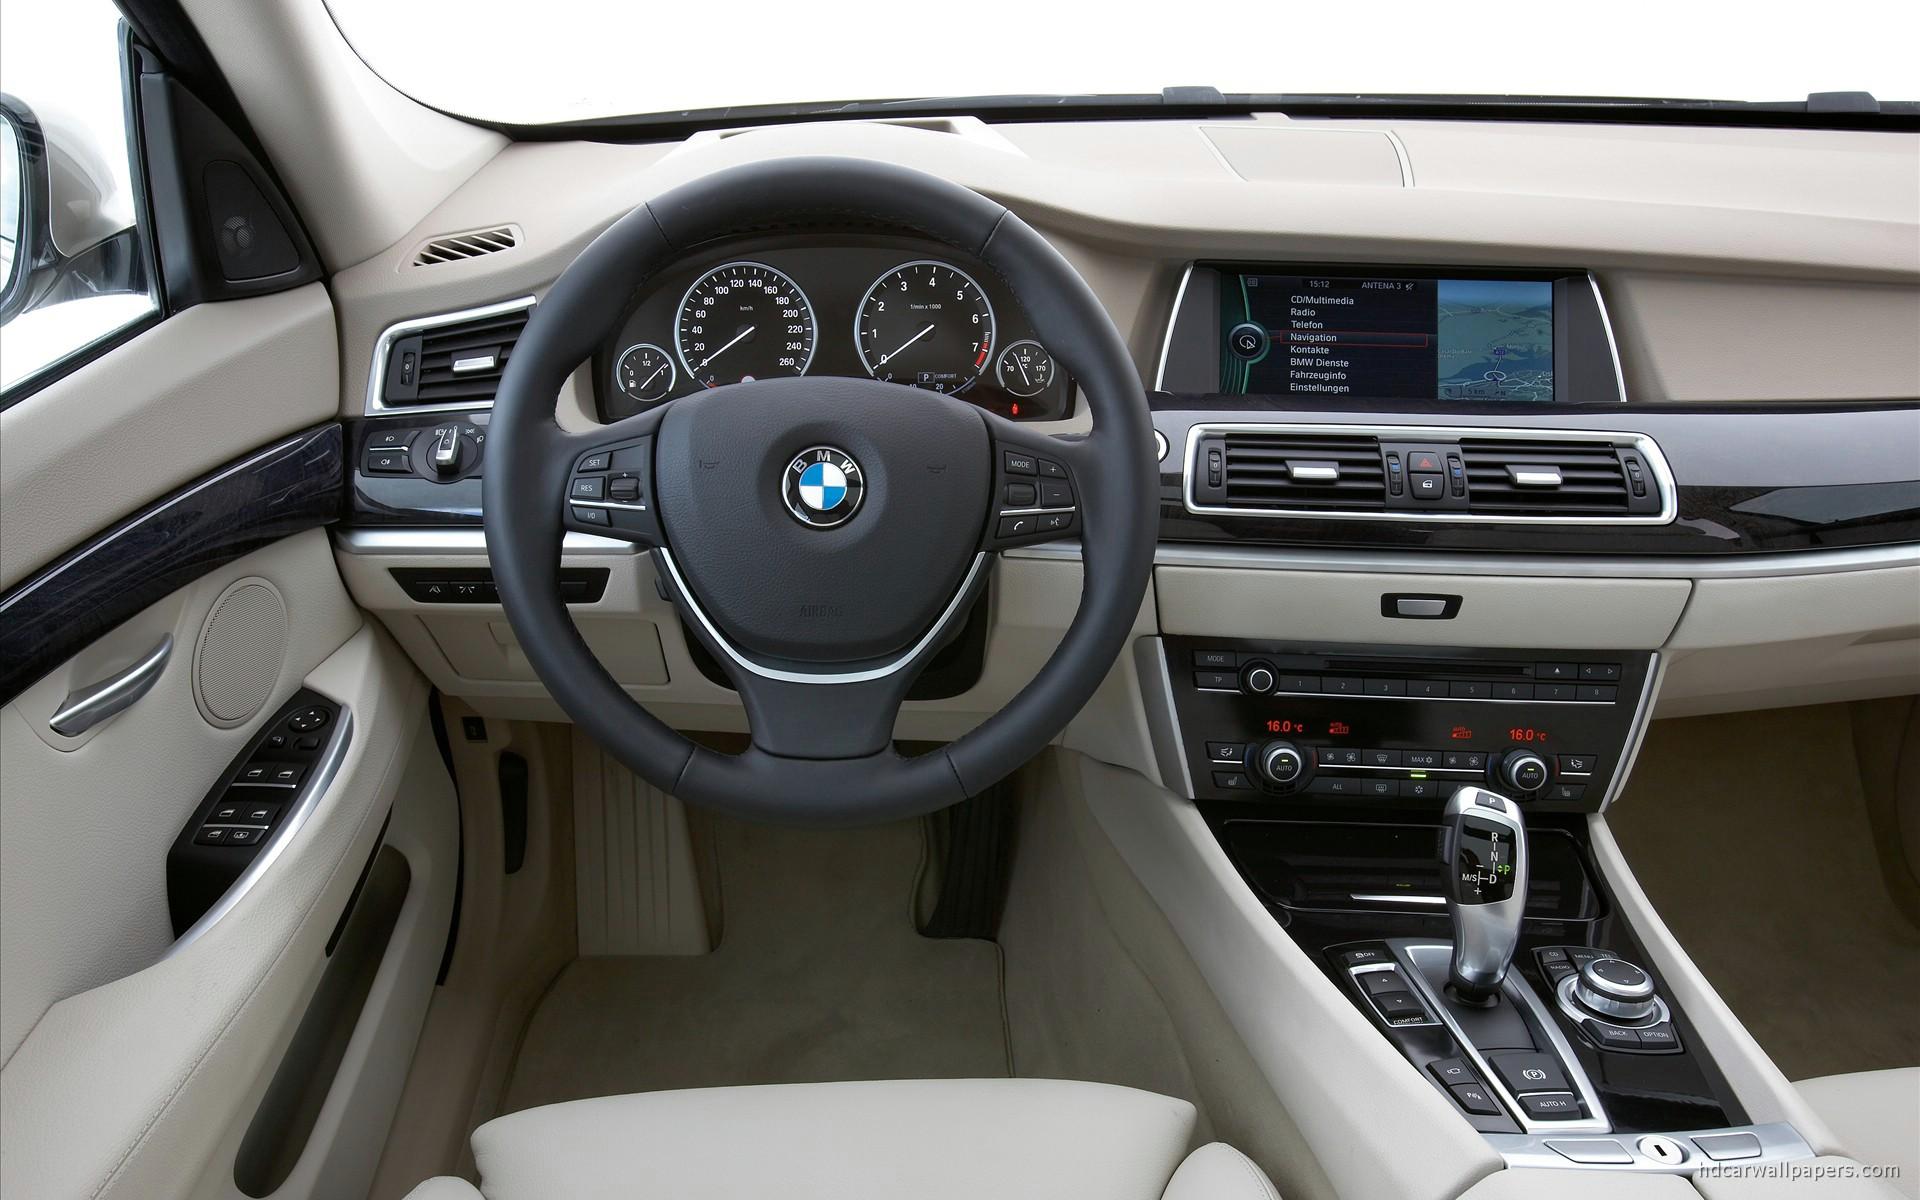 2010 bmw 535i gran turismo interior euro spec car interior design - Turismo interior ...